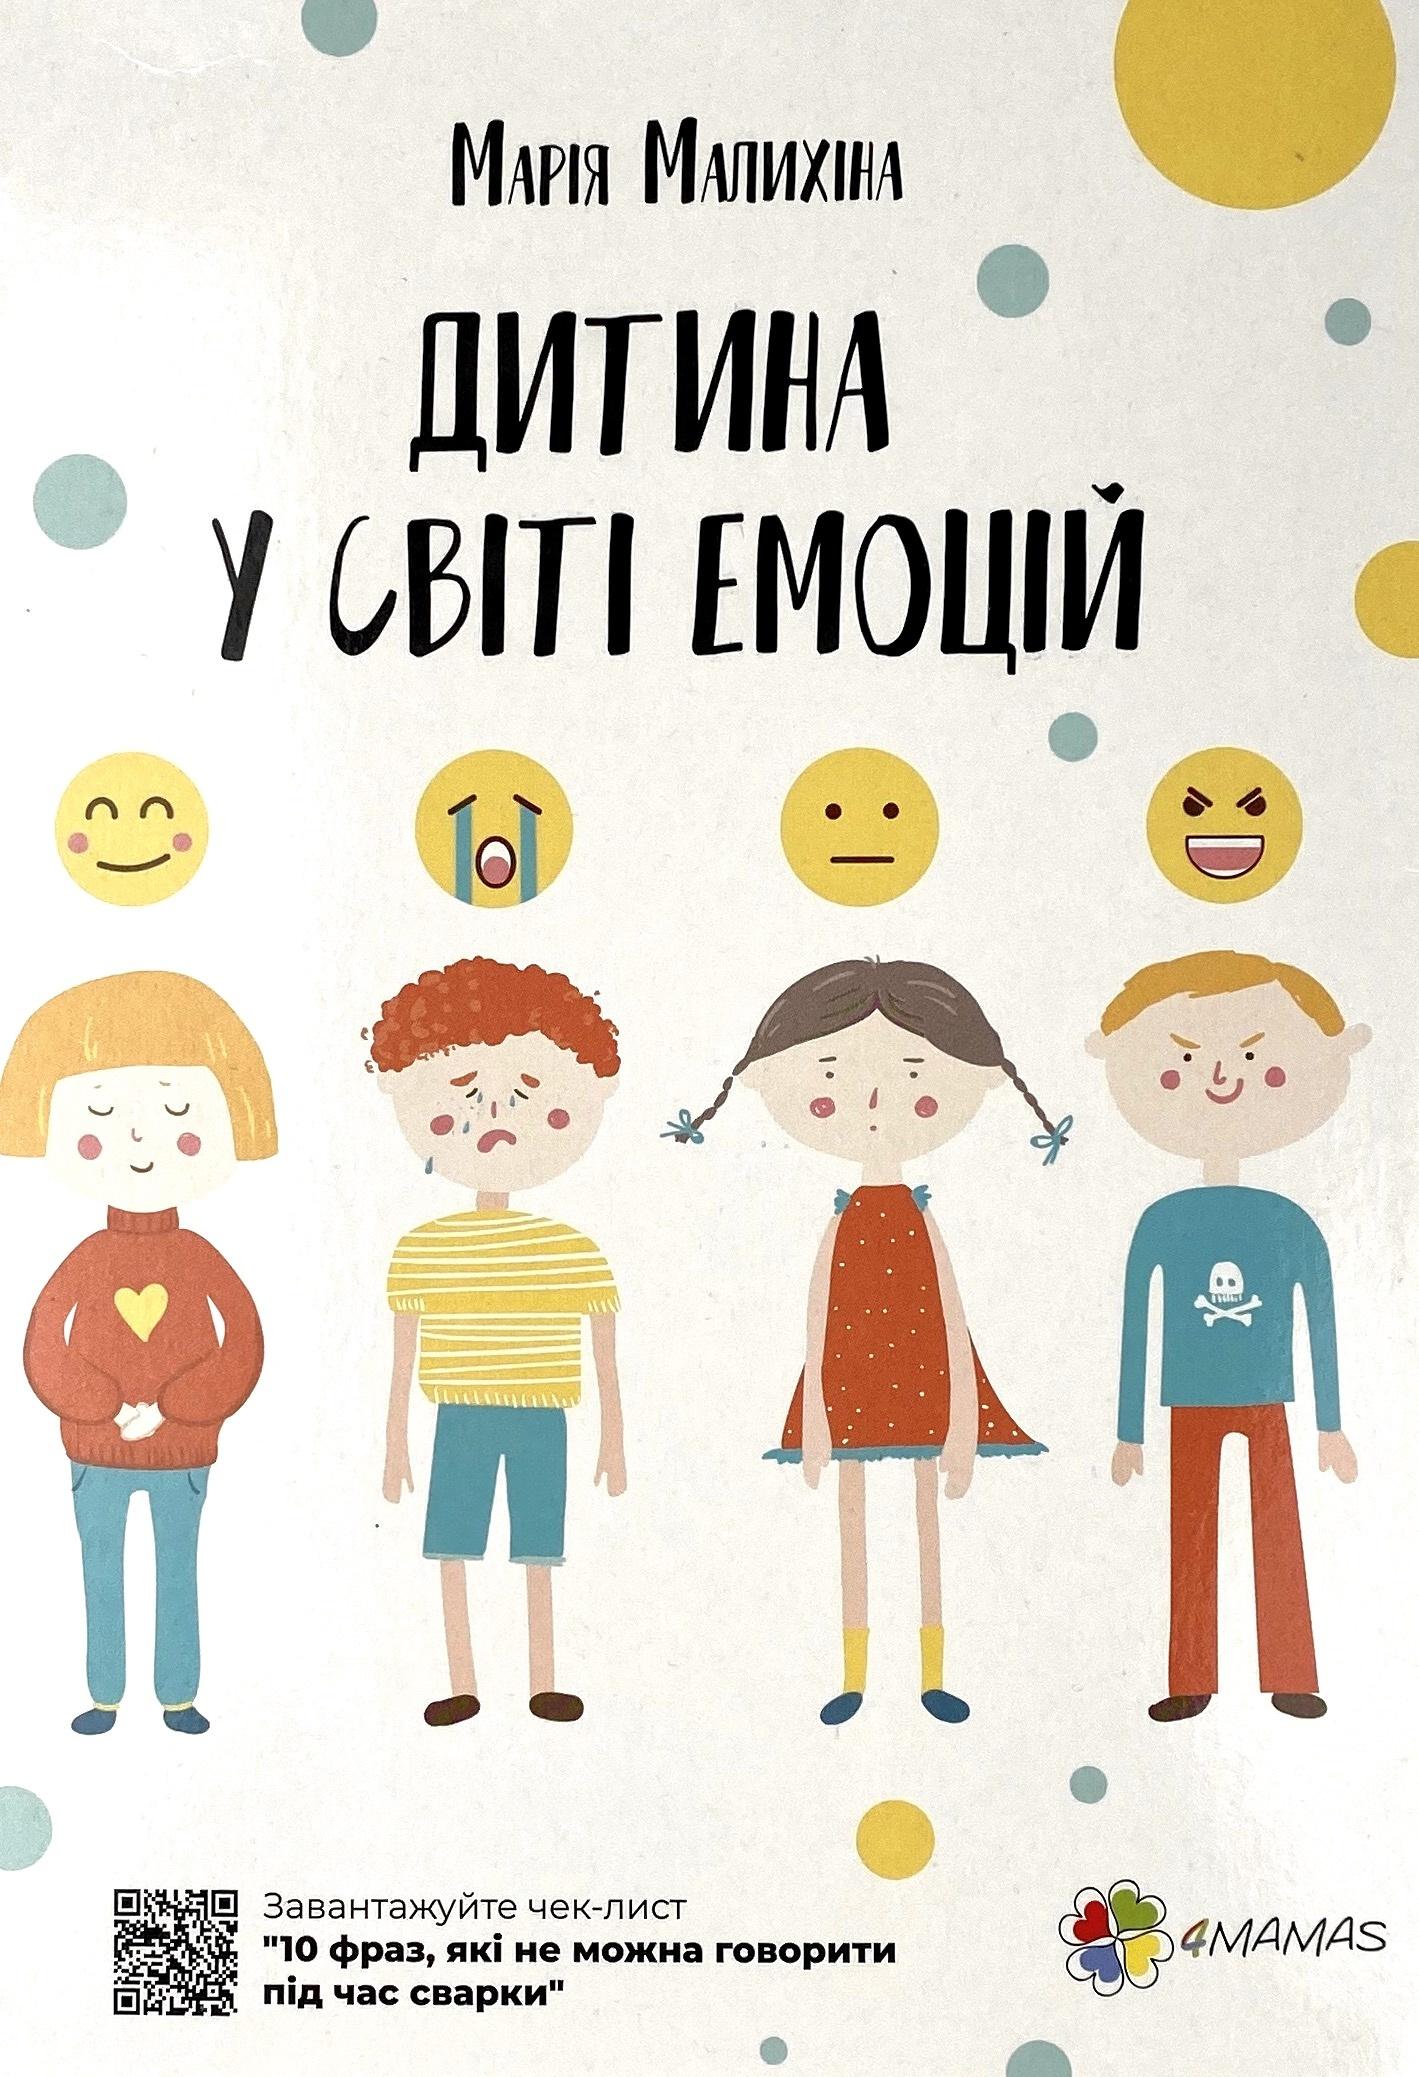 Дитина у світі емоцій